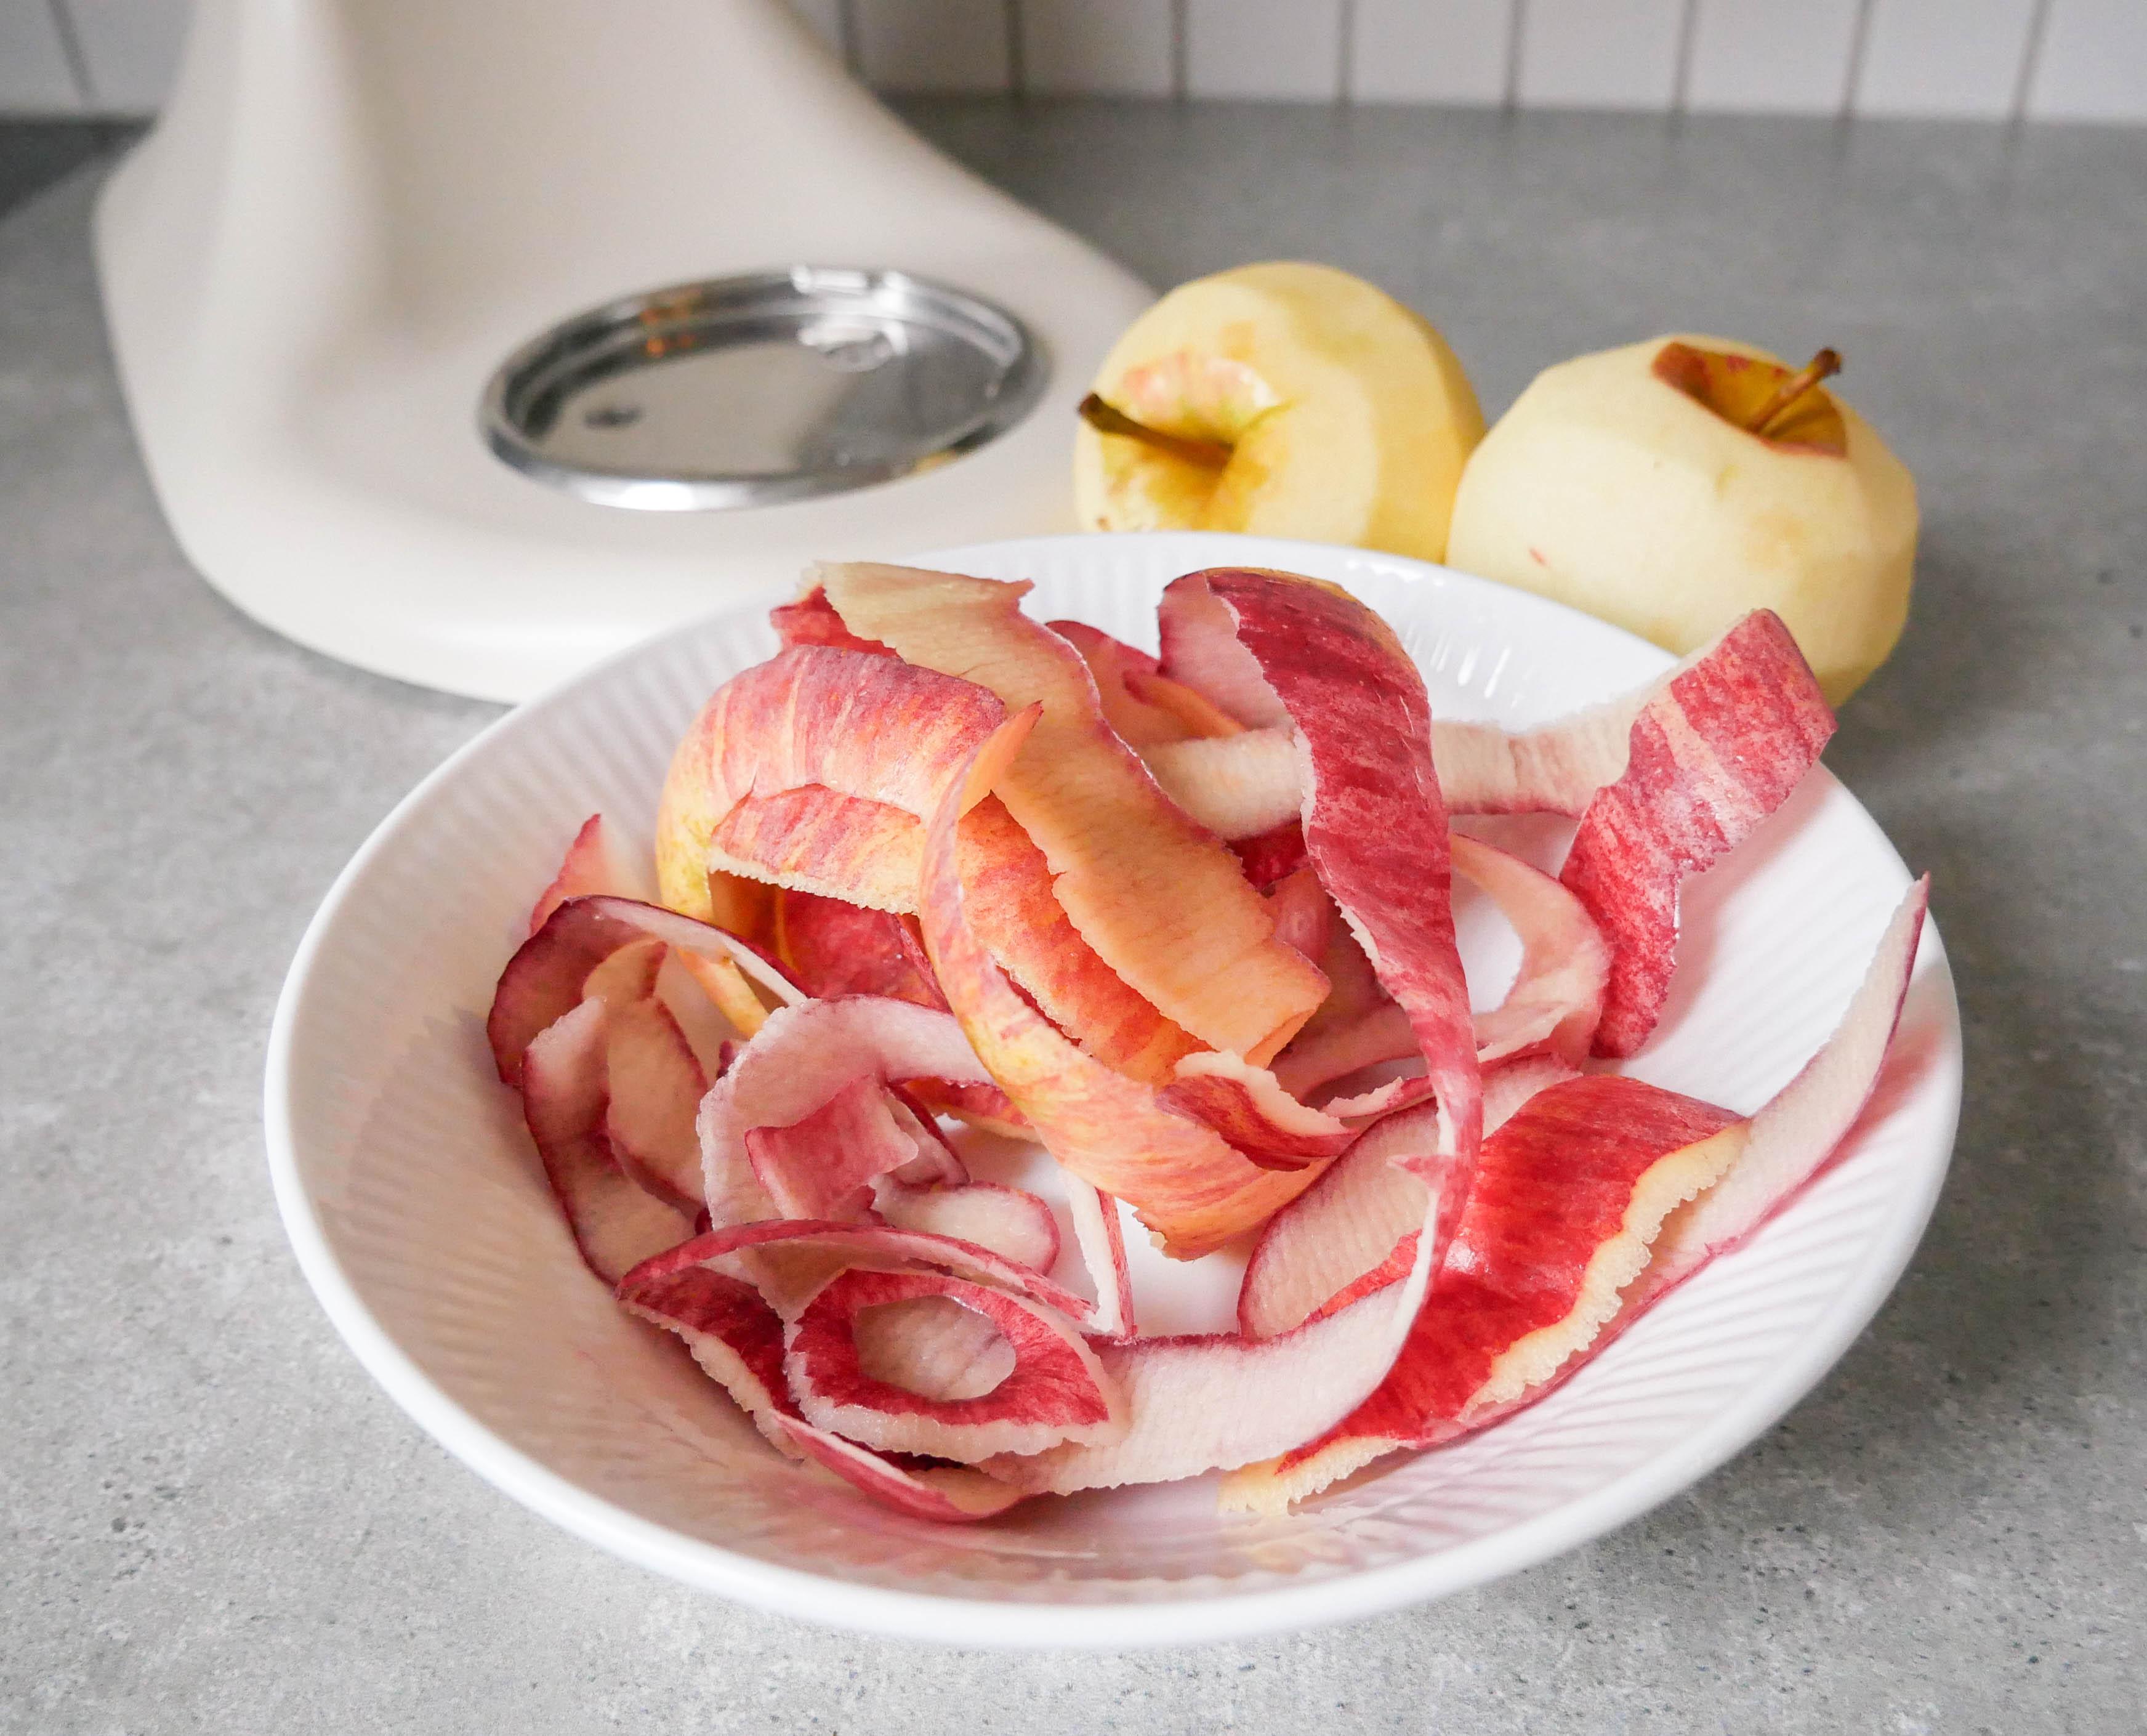 æbleskræl stop madspild af frugt og grønt